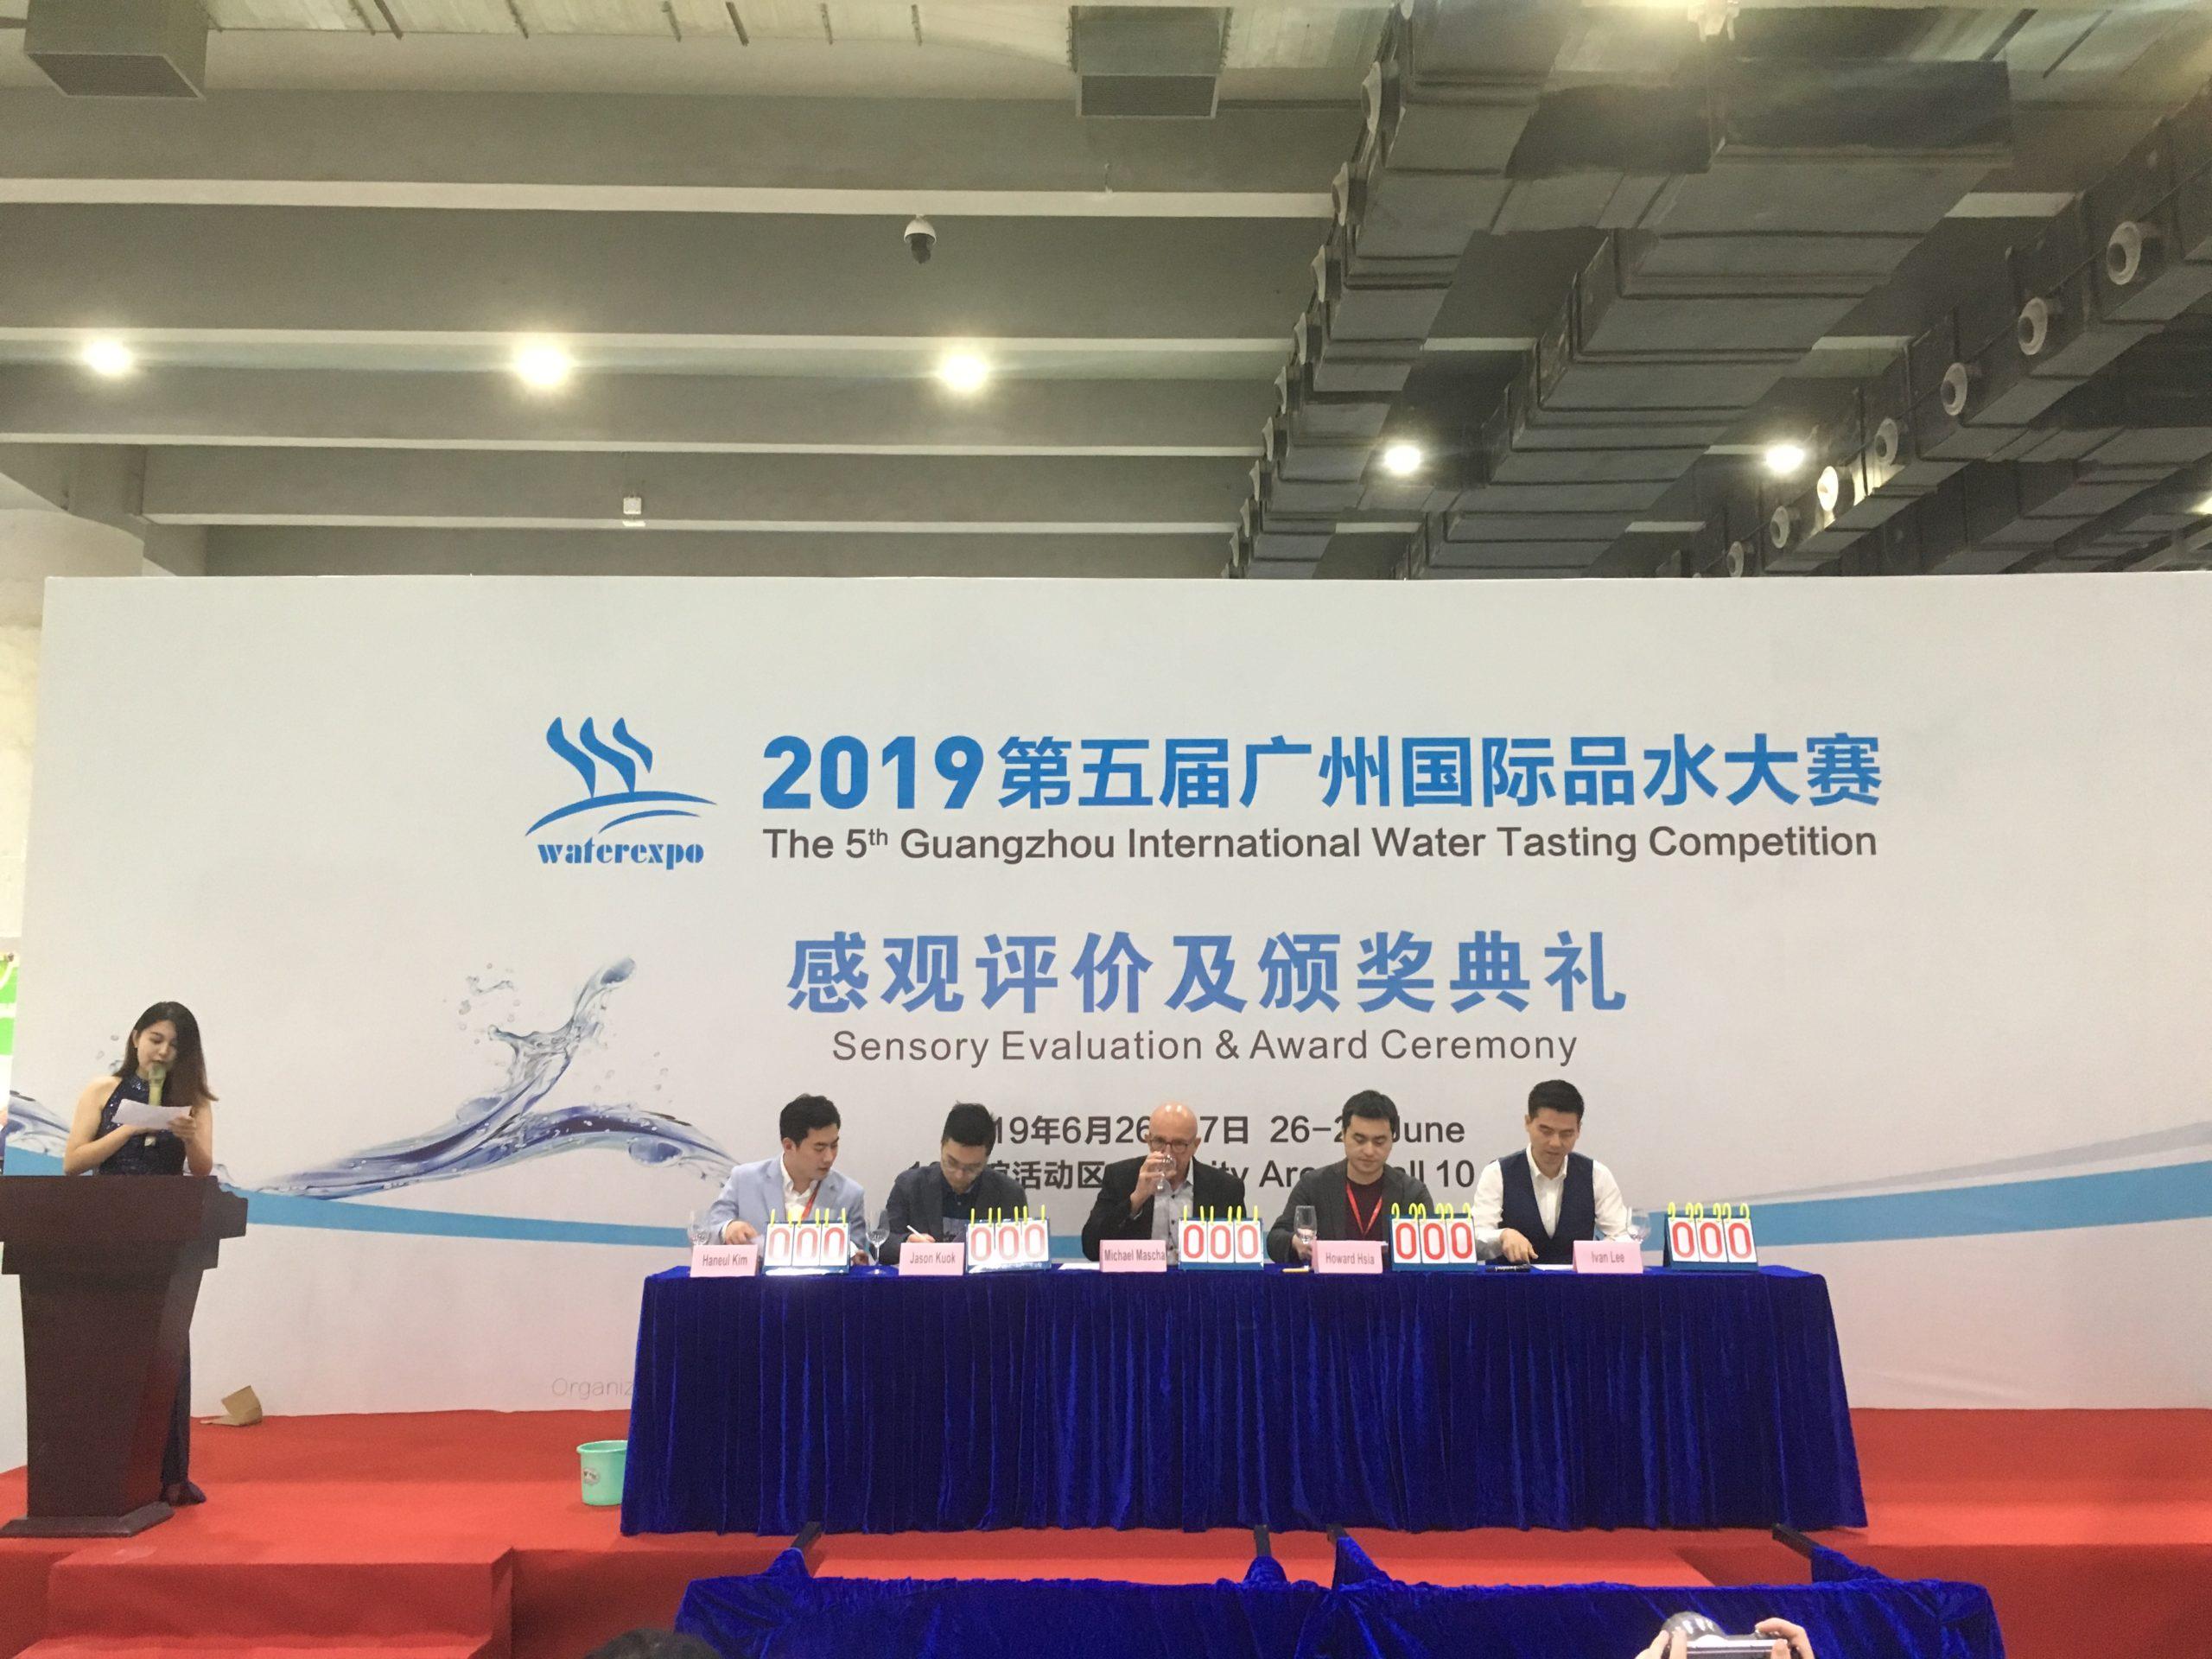 国际品水大赛。The 5th Guangzhou International Water Tasting Competition